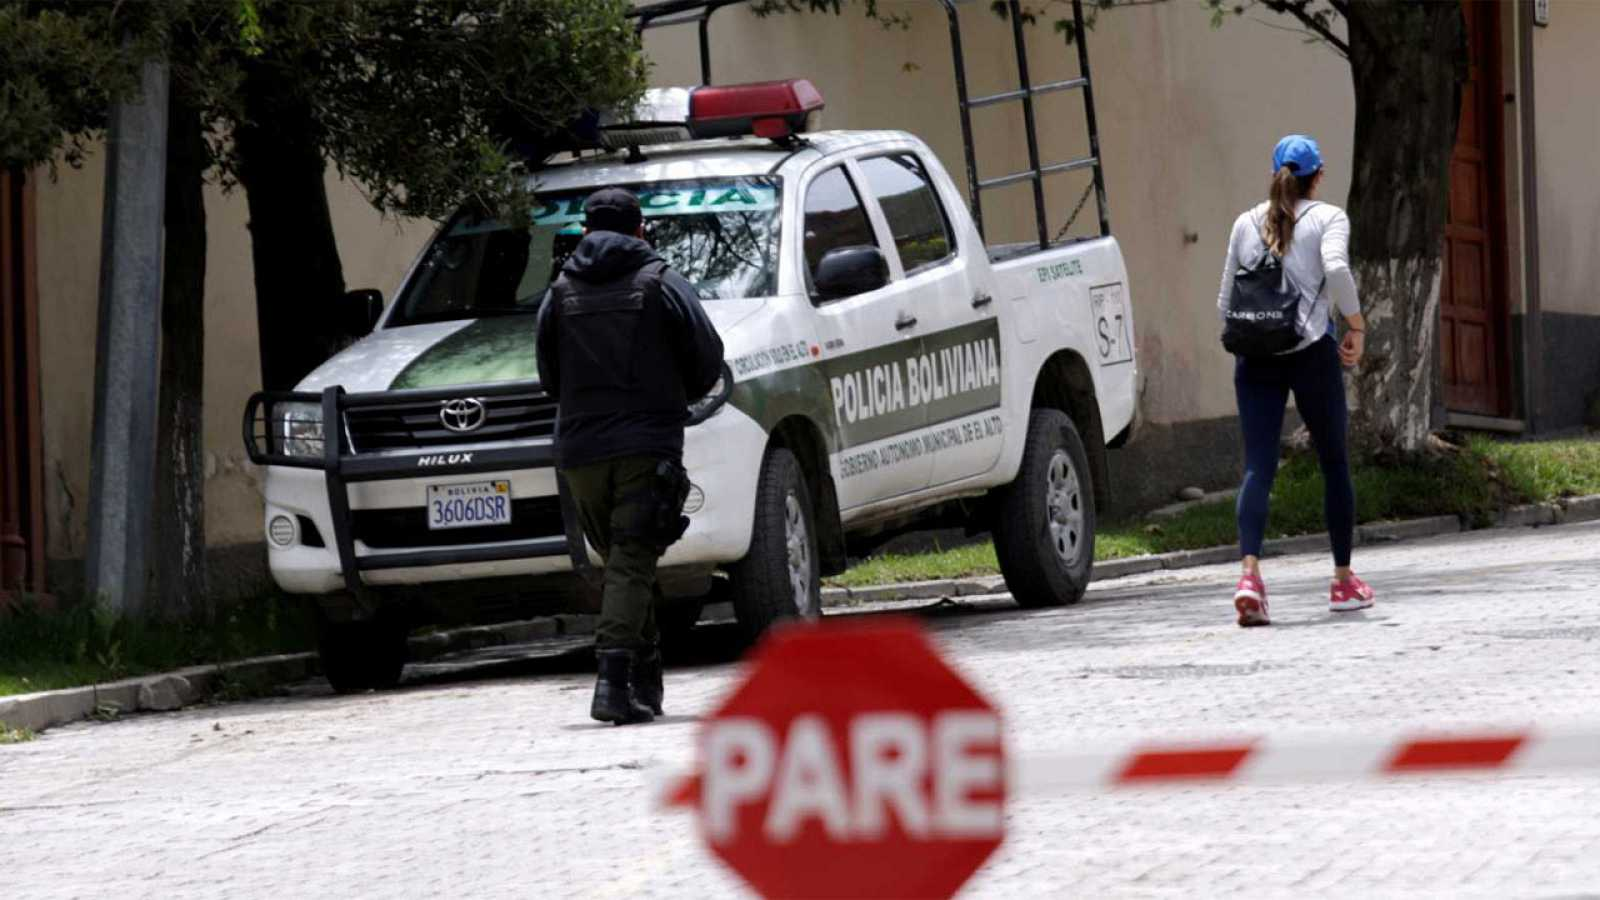 Incidente entre Bolivia y España en la embajada de México